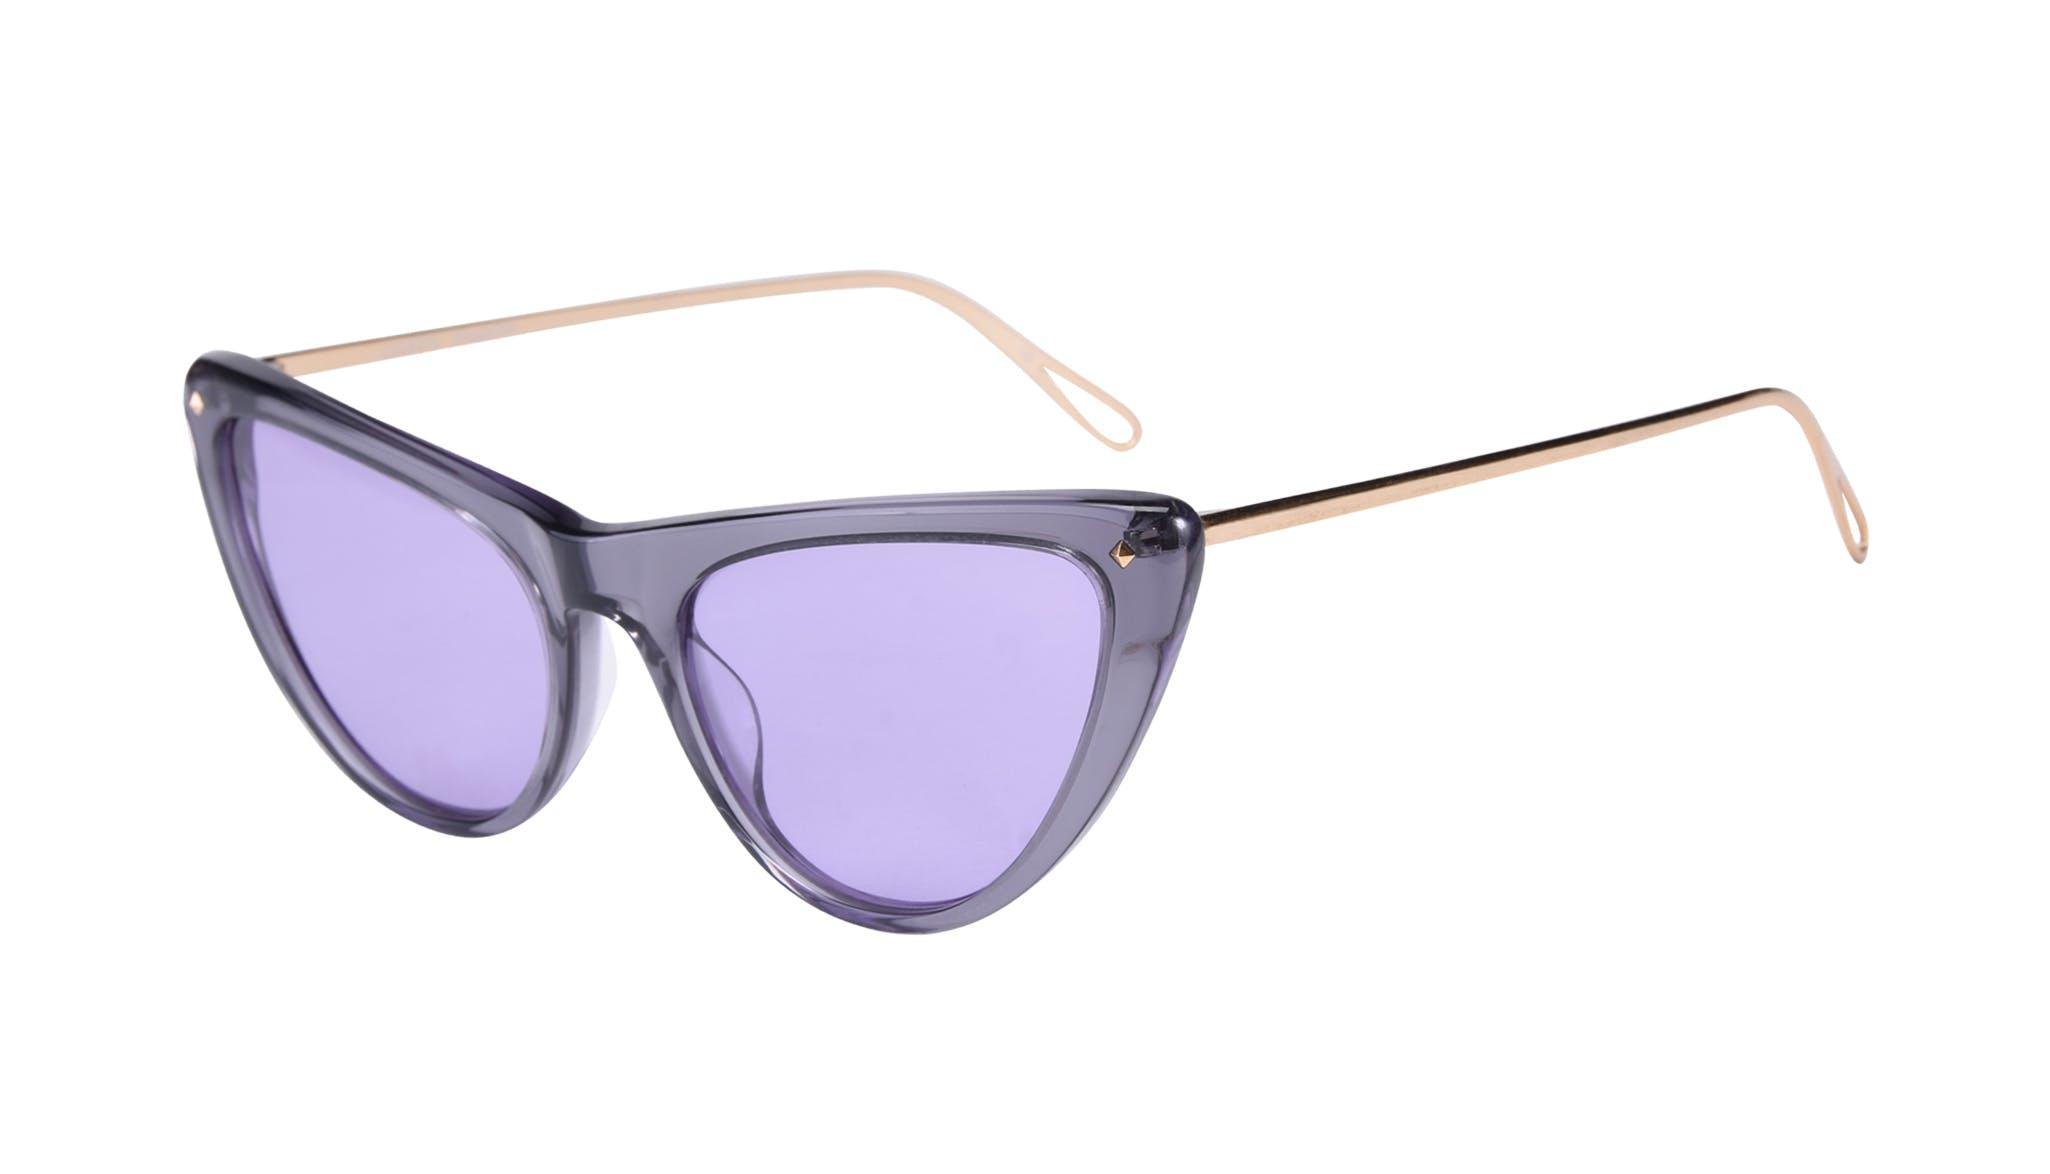 Affordable Fashion Glasses Cat Eye Sunglasses Women Celeste Shadow Tilt